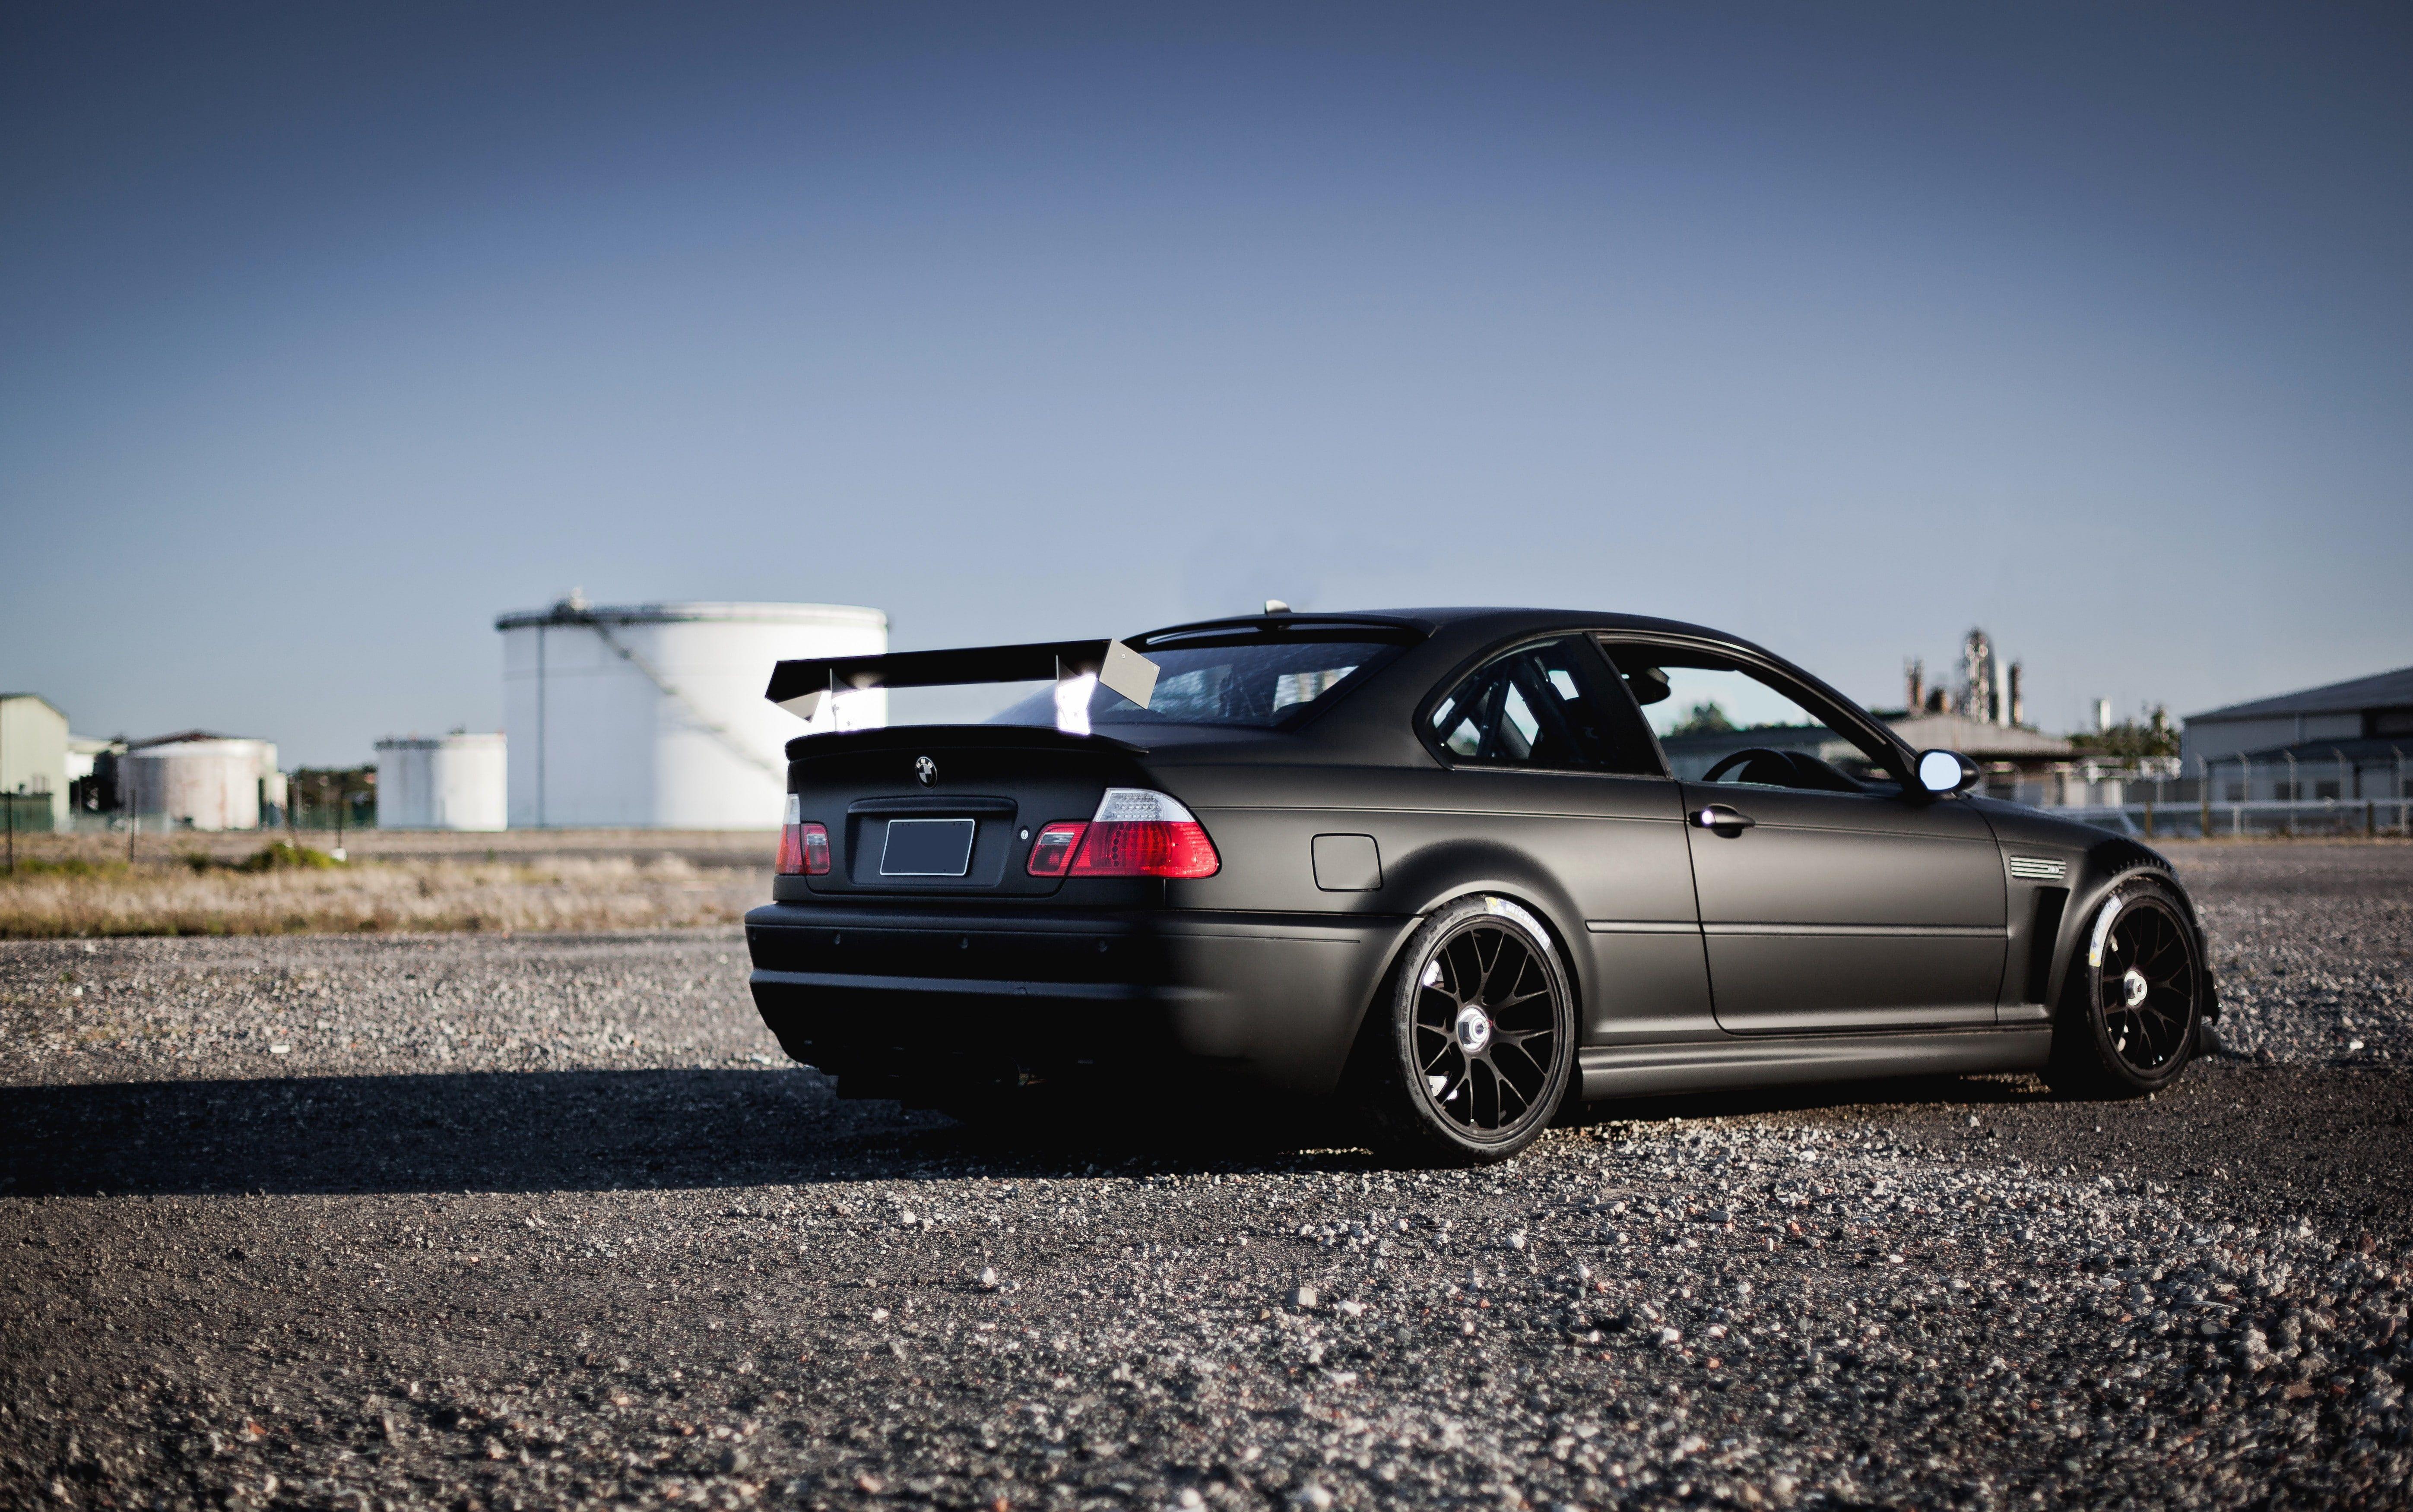 E46 Bmw Bmw M3 Black Sports Car Car Michelin Vehicle Black Cars 5k Wallpaper Hdwallpaper Desktop Bmw M3 Black Car Bmw M3 Black